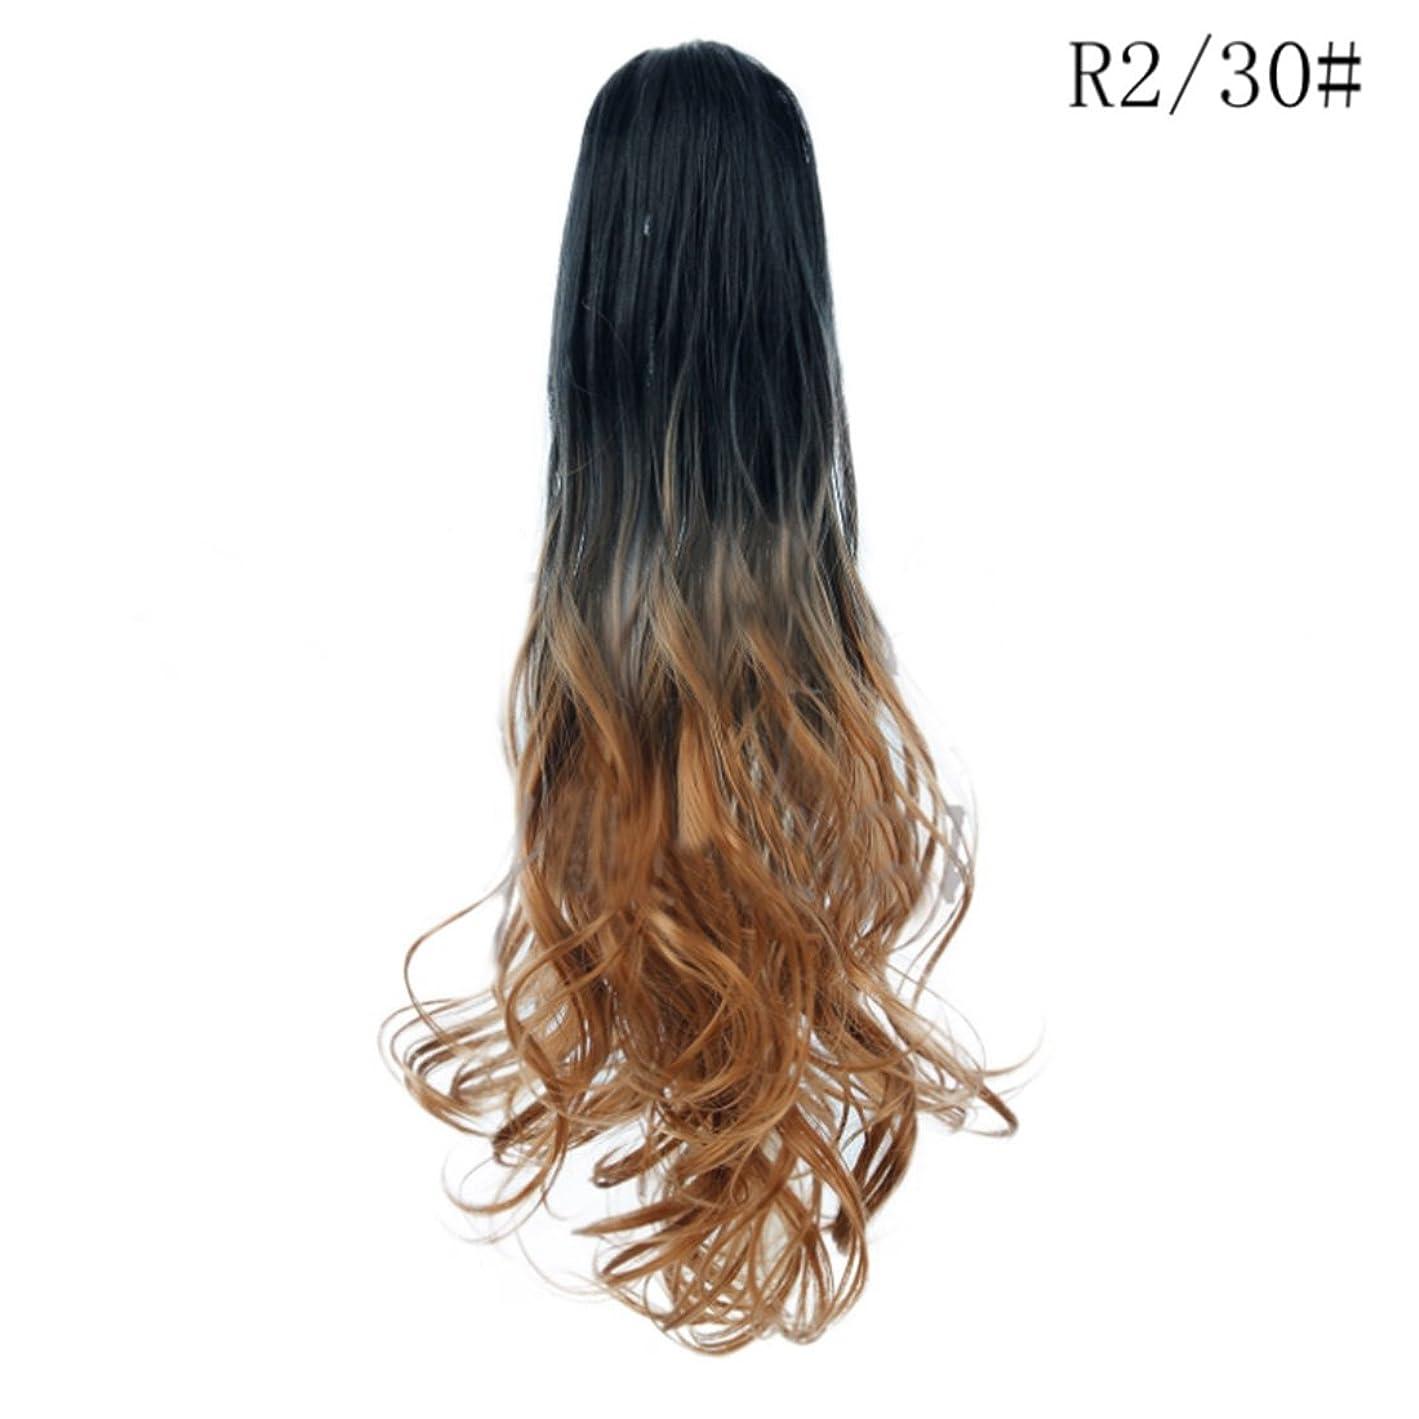 オレンジ覚醒広げるKoloeplf ロングロール目に見えないシームレスなひげそりの髪21インチの爪のクリップポニーテールのウィッグ女性のための大きな波ロールのヘアピースカーリーポニーテールのかつら (Color : R2/30#)